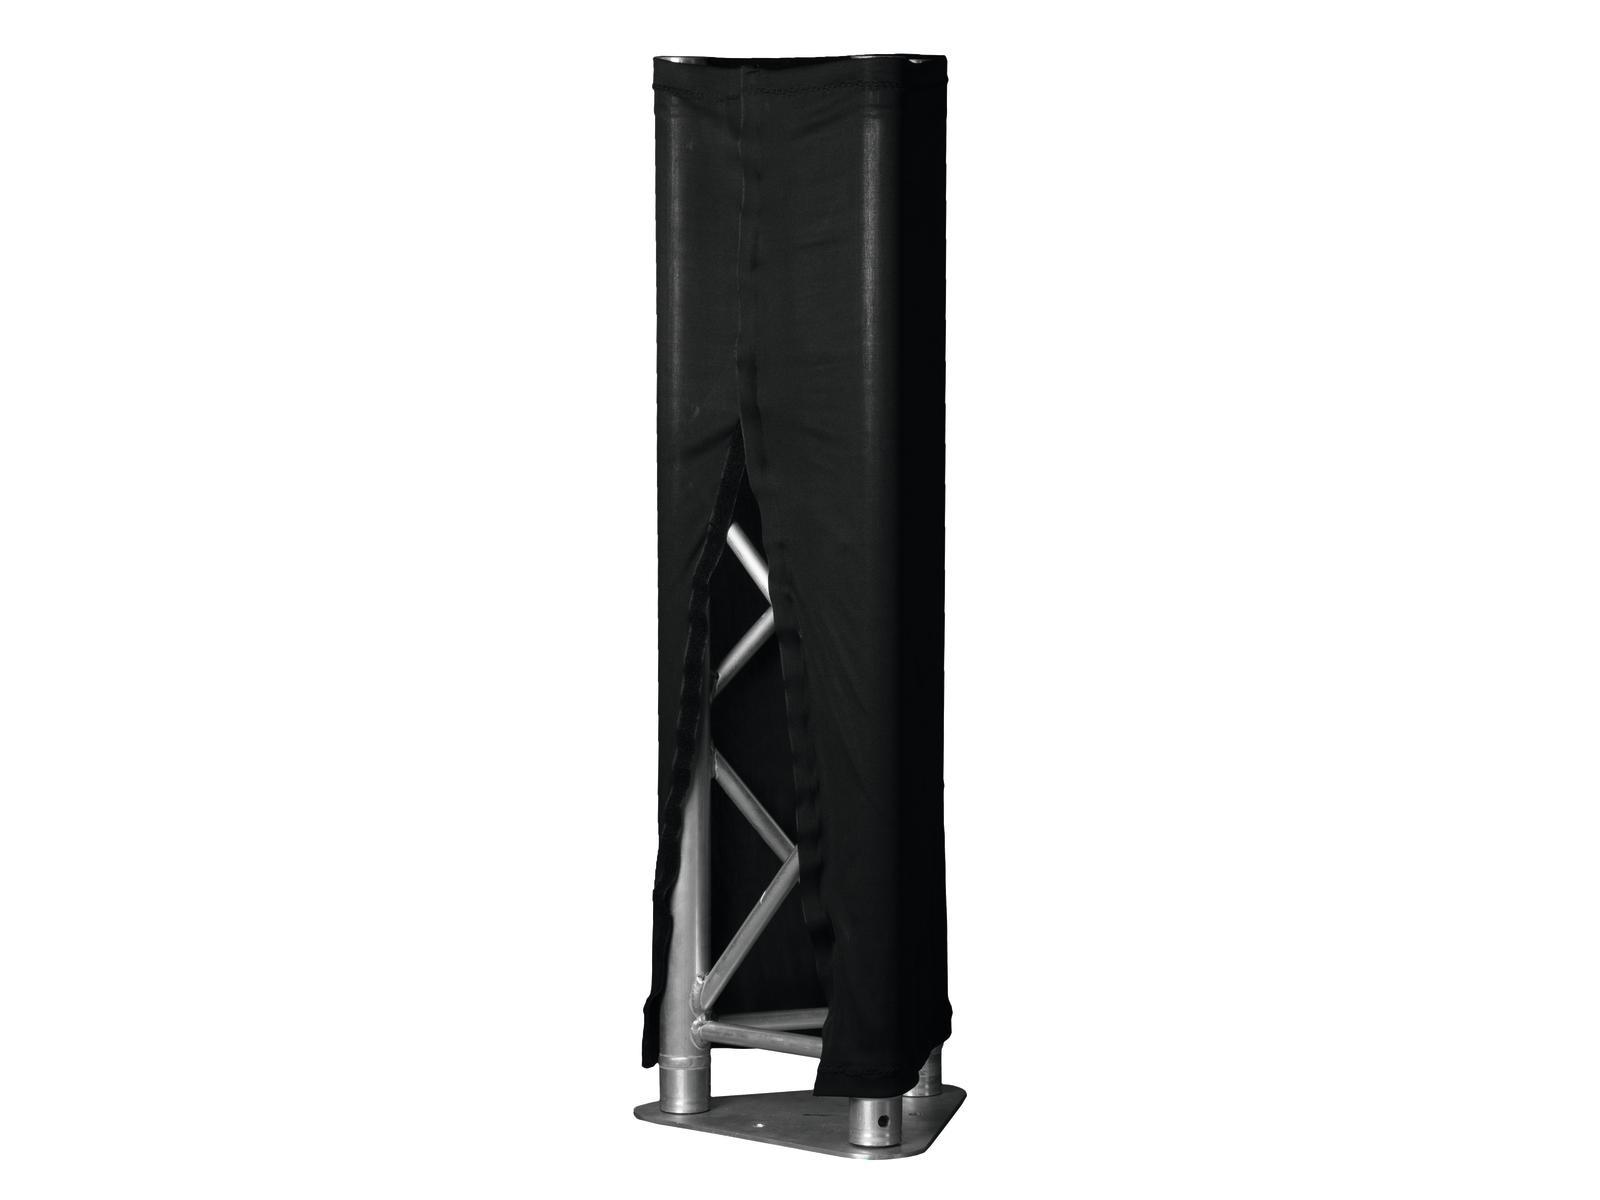 ESPANDERE XPTC20KVS Capriata di copertura 200cm nero